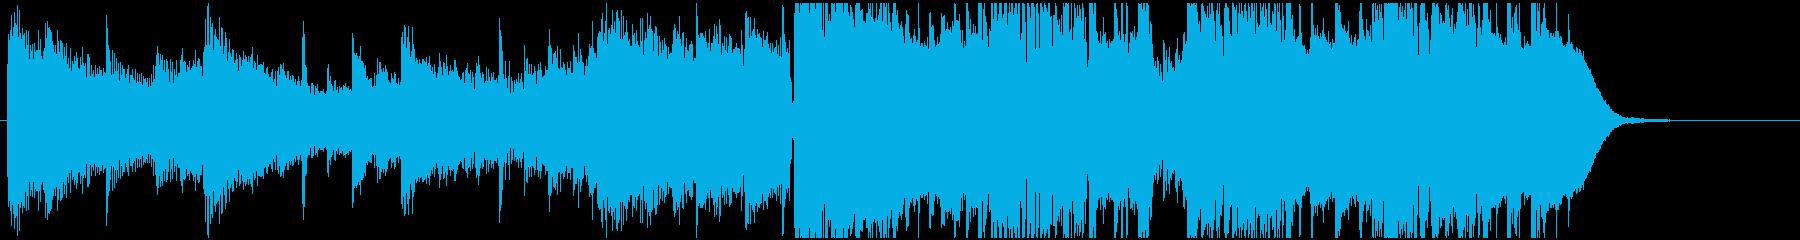 幻想的なフューチャーベースジングル18秒の再生済みの波形